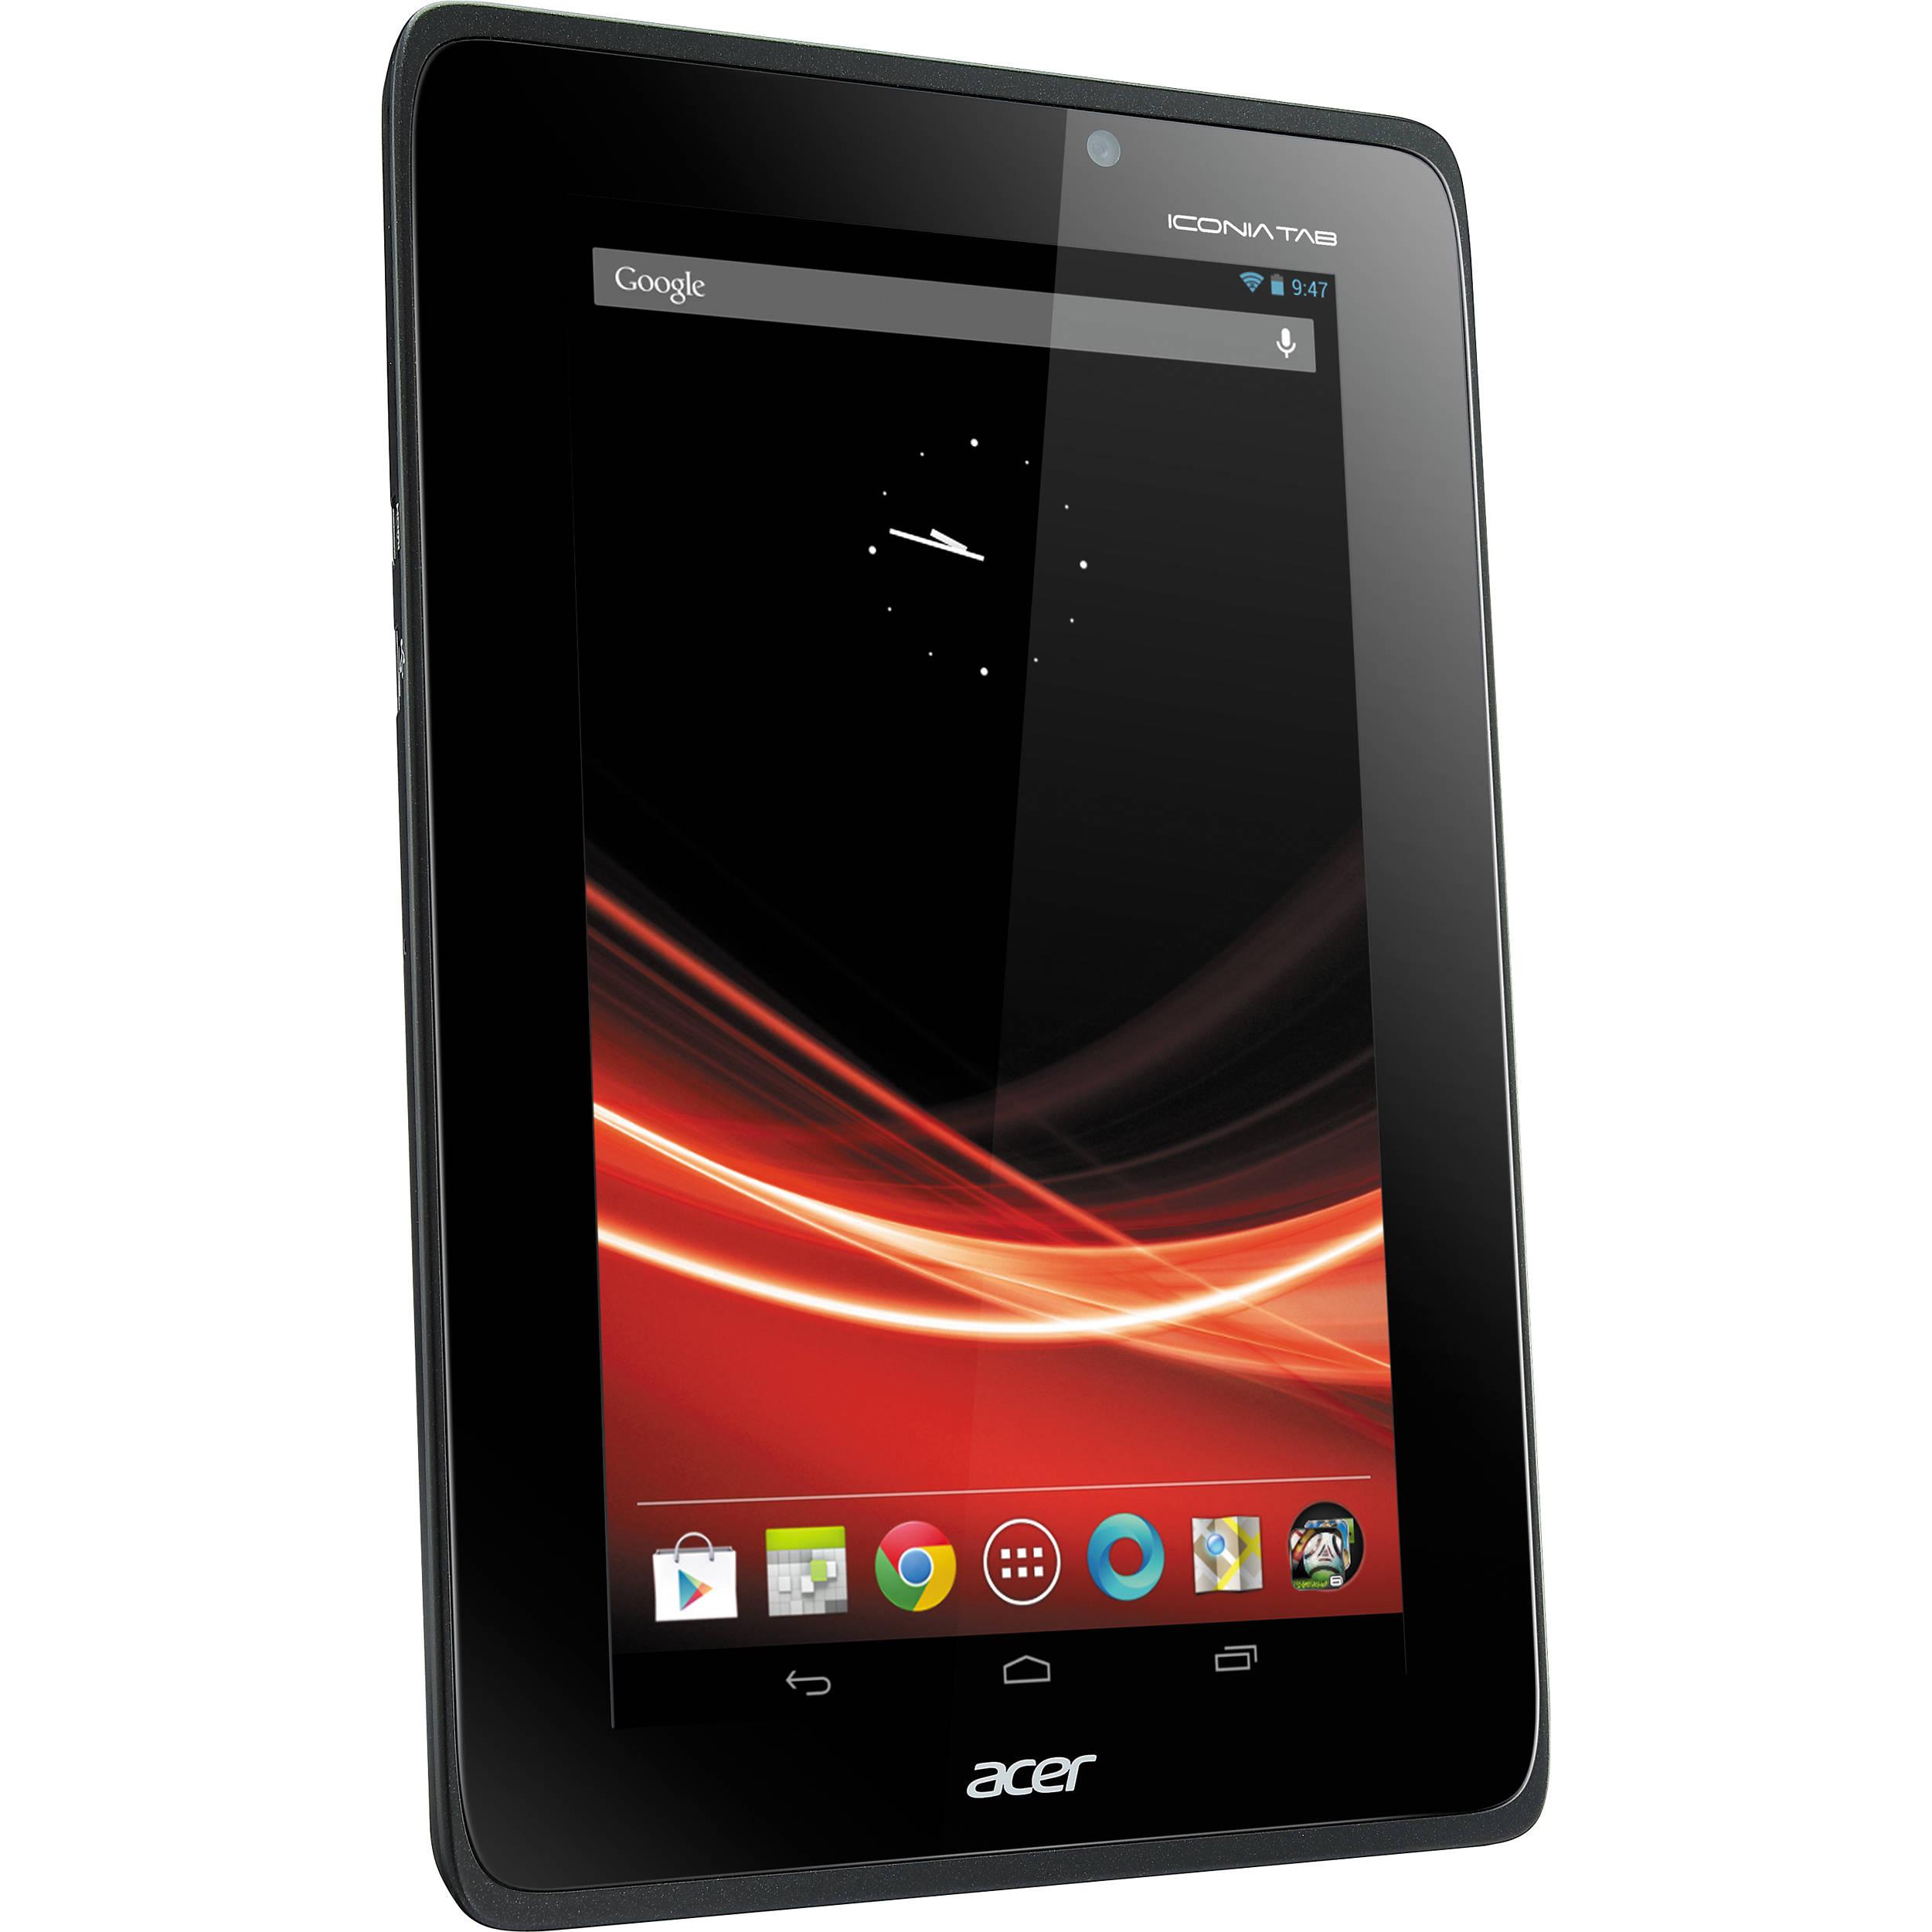 acer 8gb iconia tab a series a110 07g08u 7 ht hapaa 001 rh bhphotovideo com Acer Iconia Tab 7 Acer Iconia Tab A200 10G16u